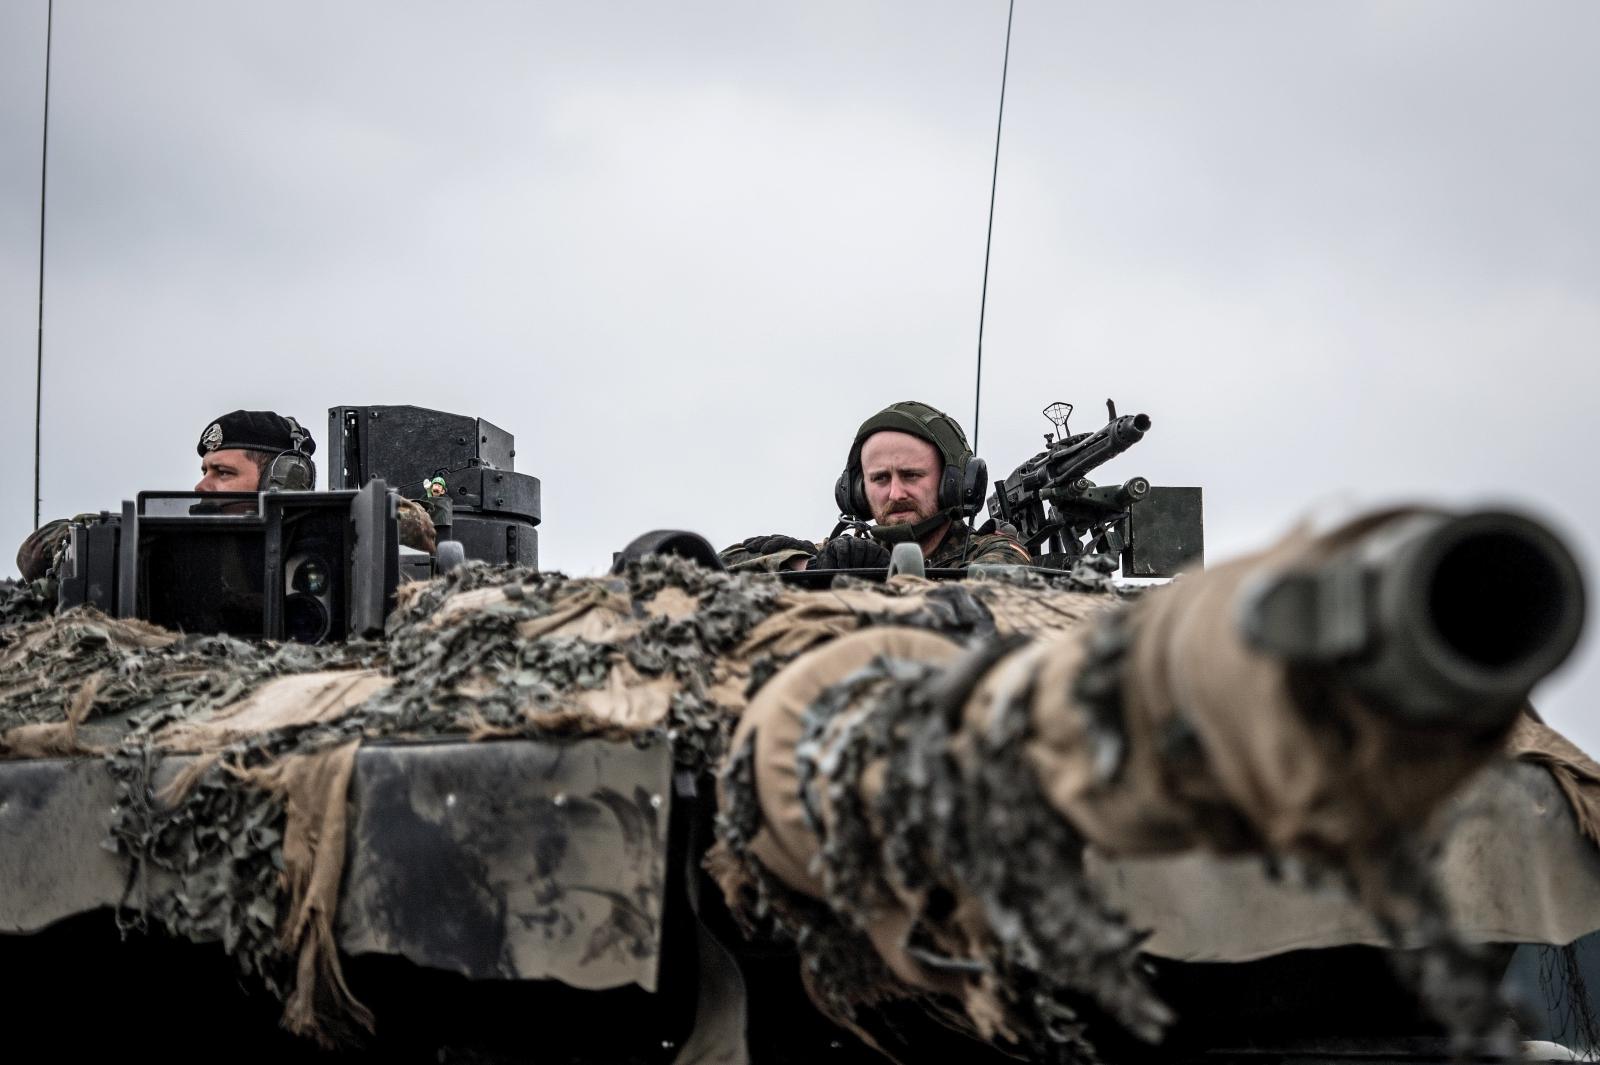 Niemcy, ćwiczenia NATO. fot. EPA/CHRISTIAN BRUNA